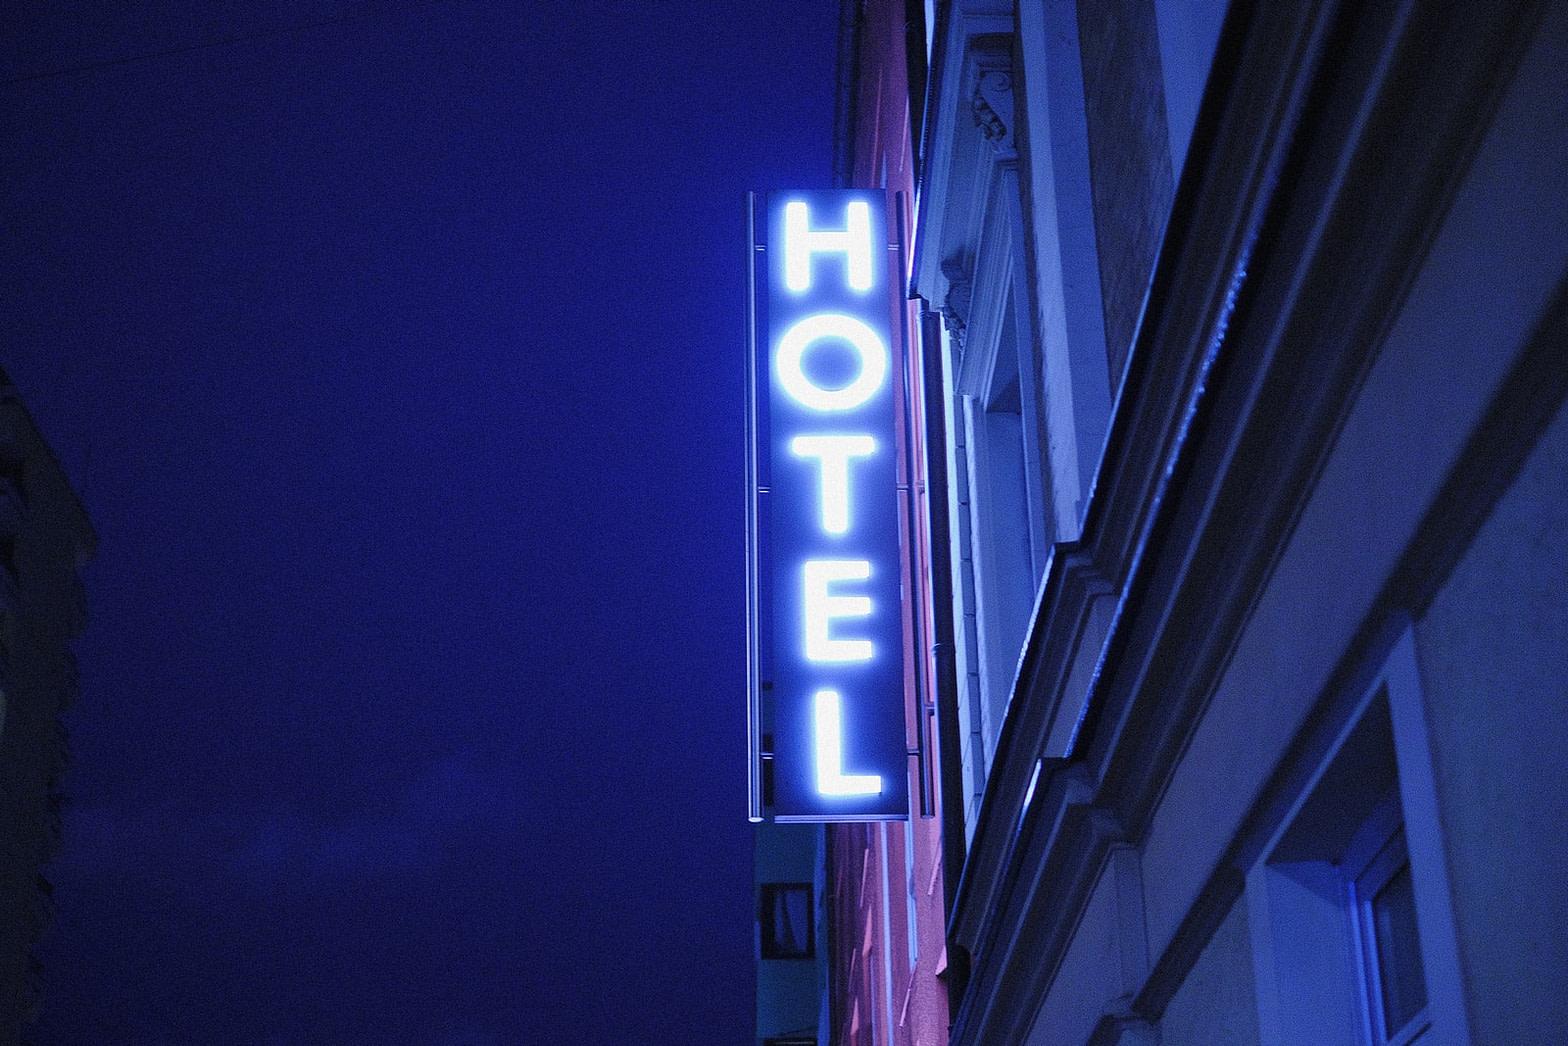 أفضل فندق نجمتين في الرياض